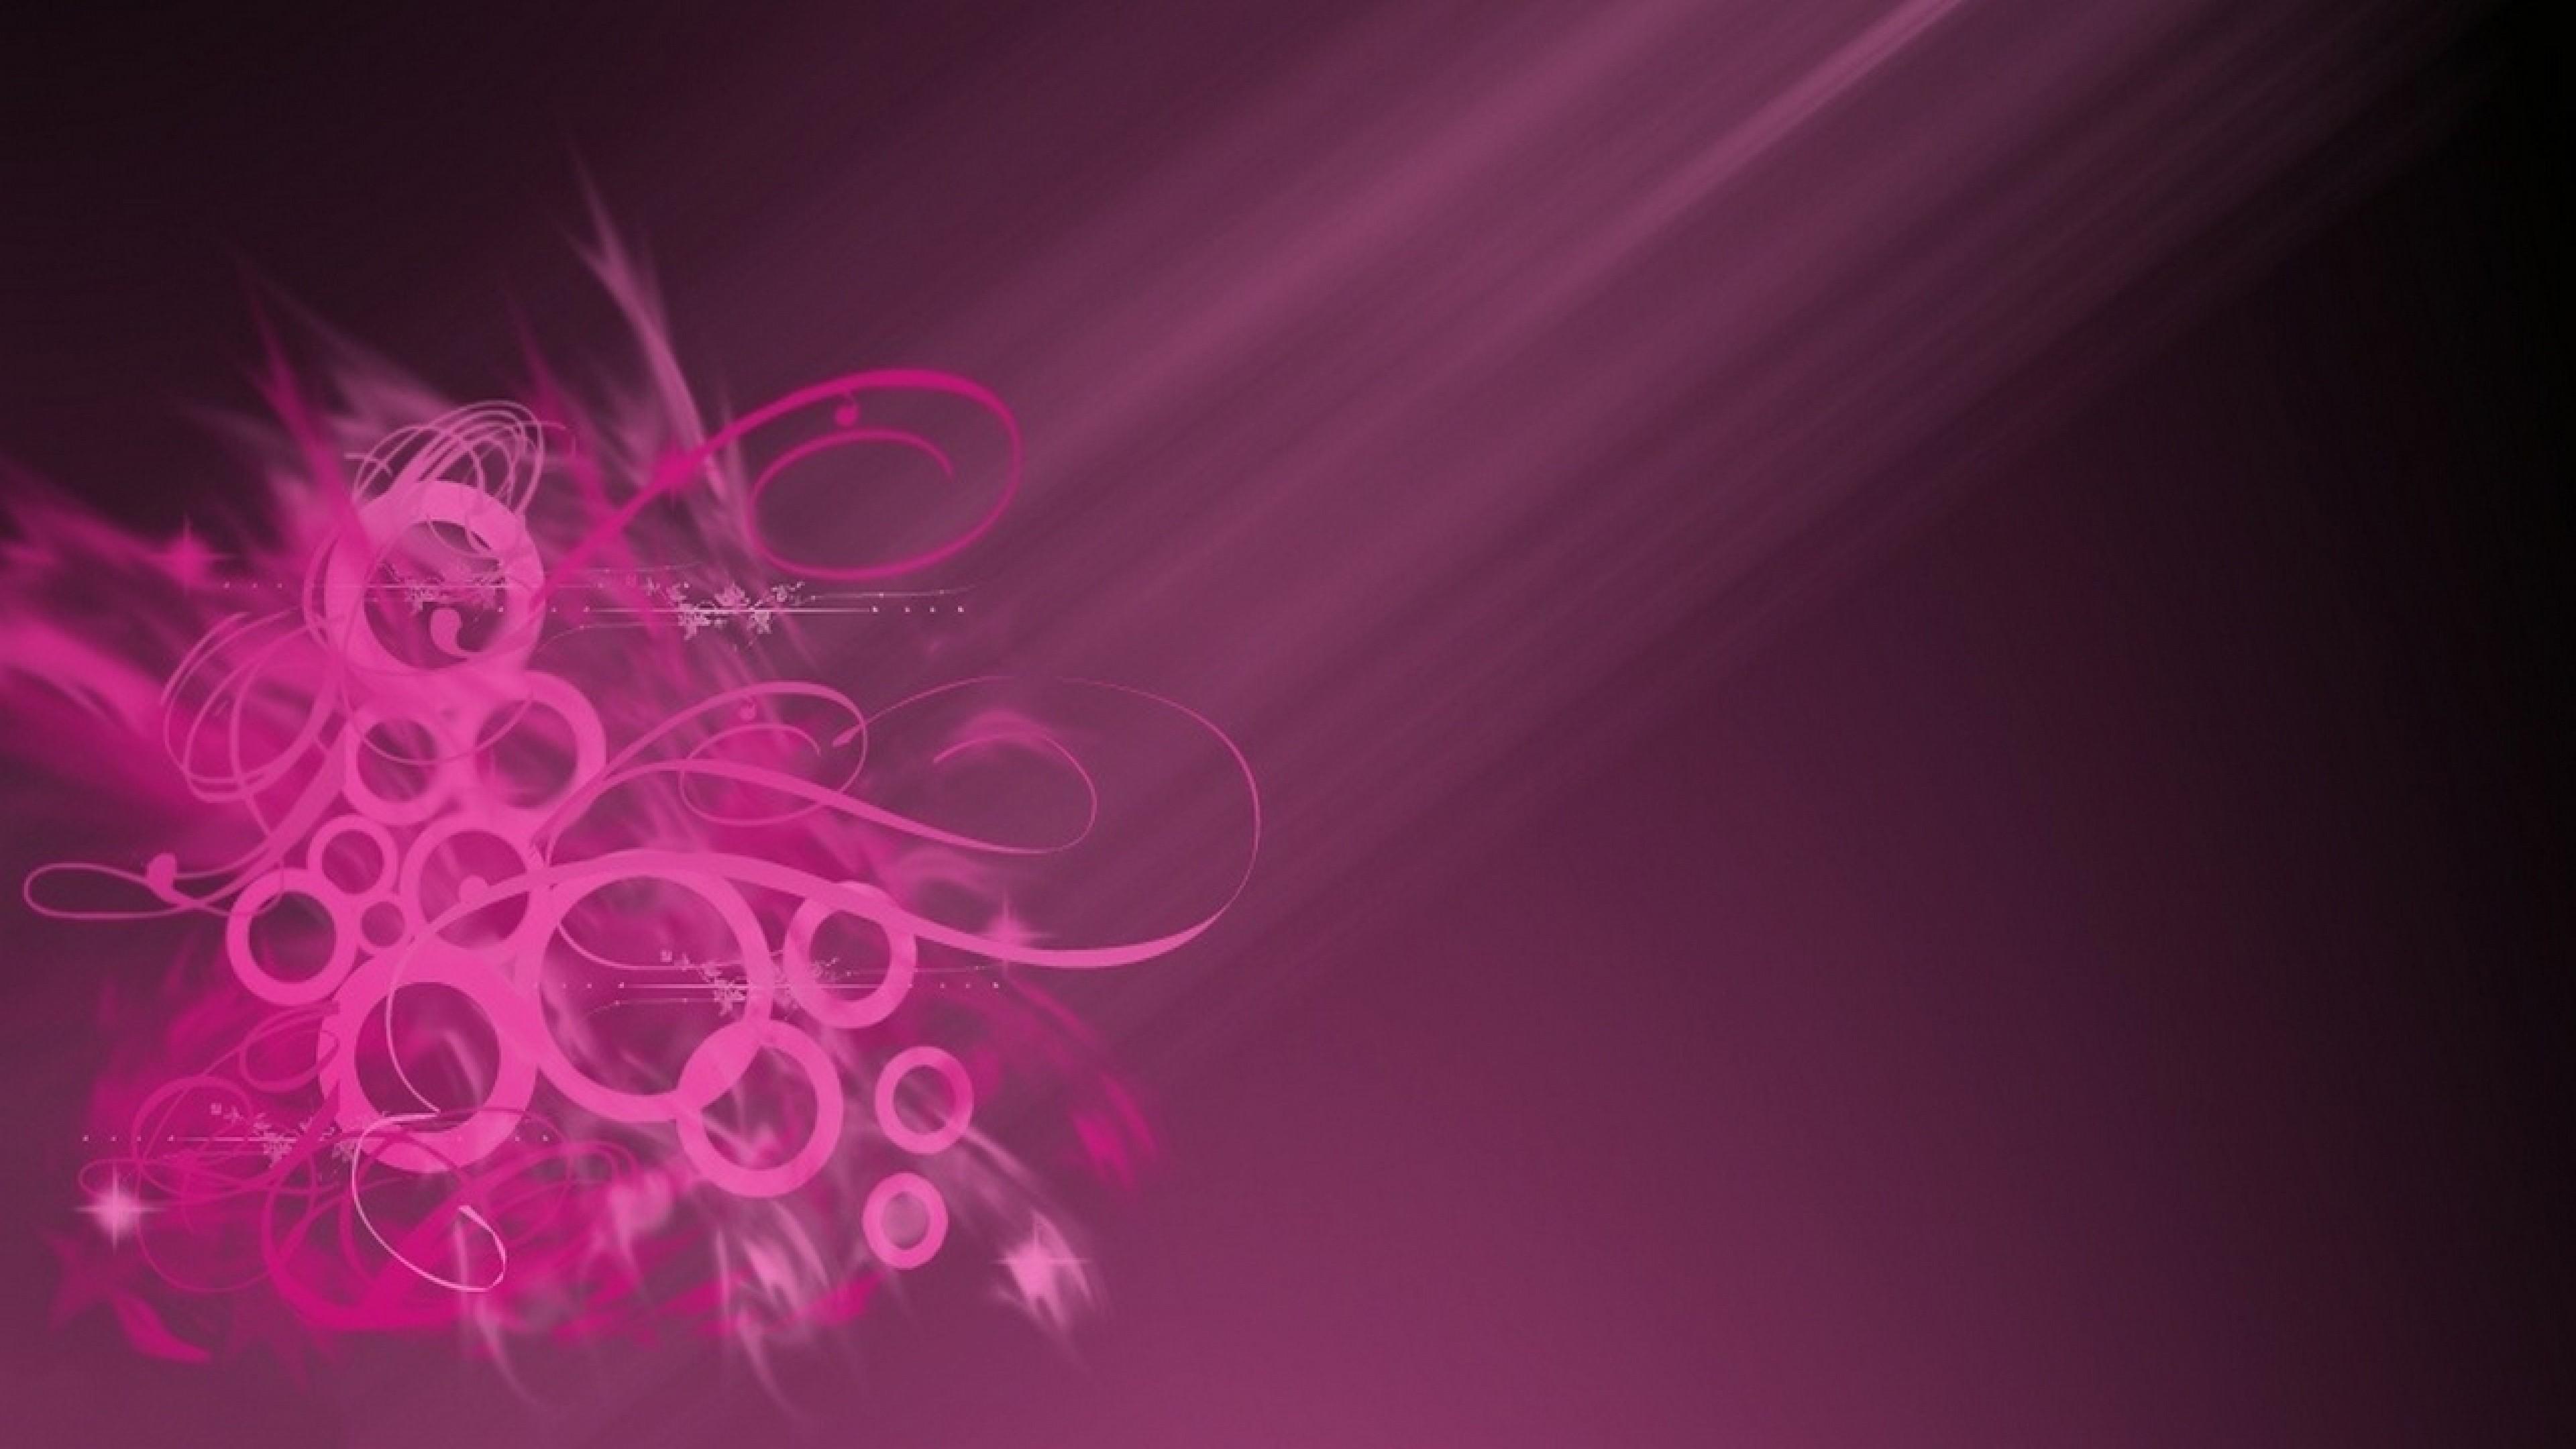 pink wallpapers for desktop 183��